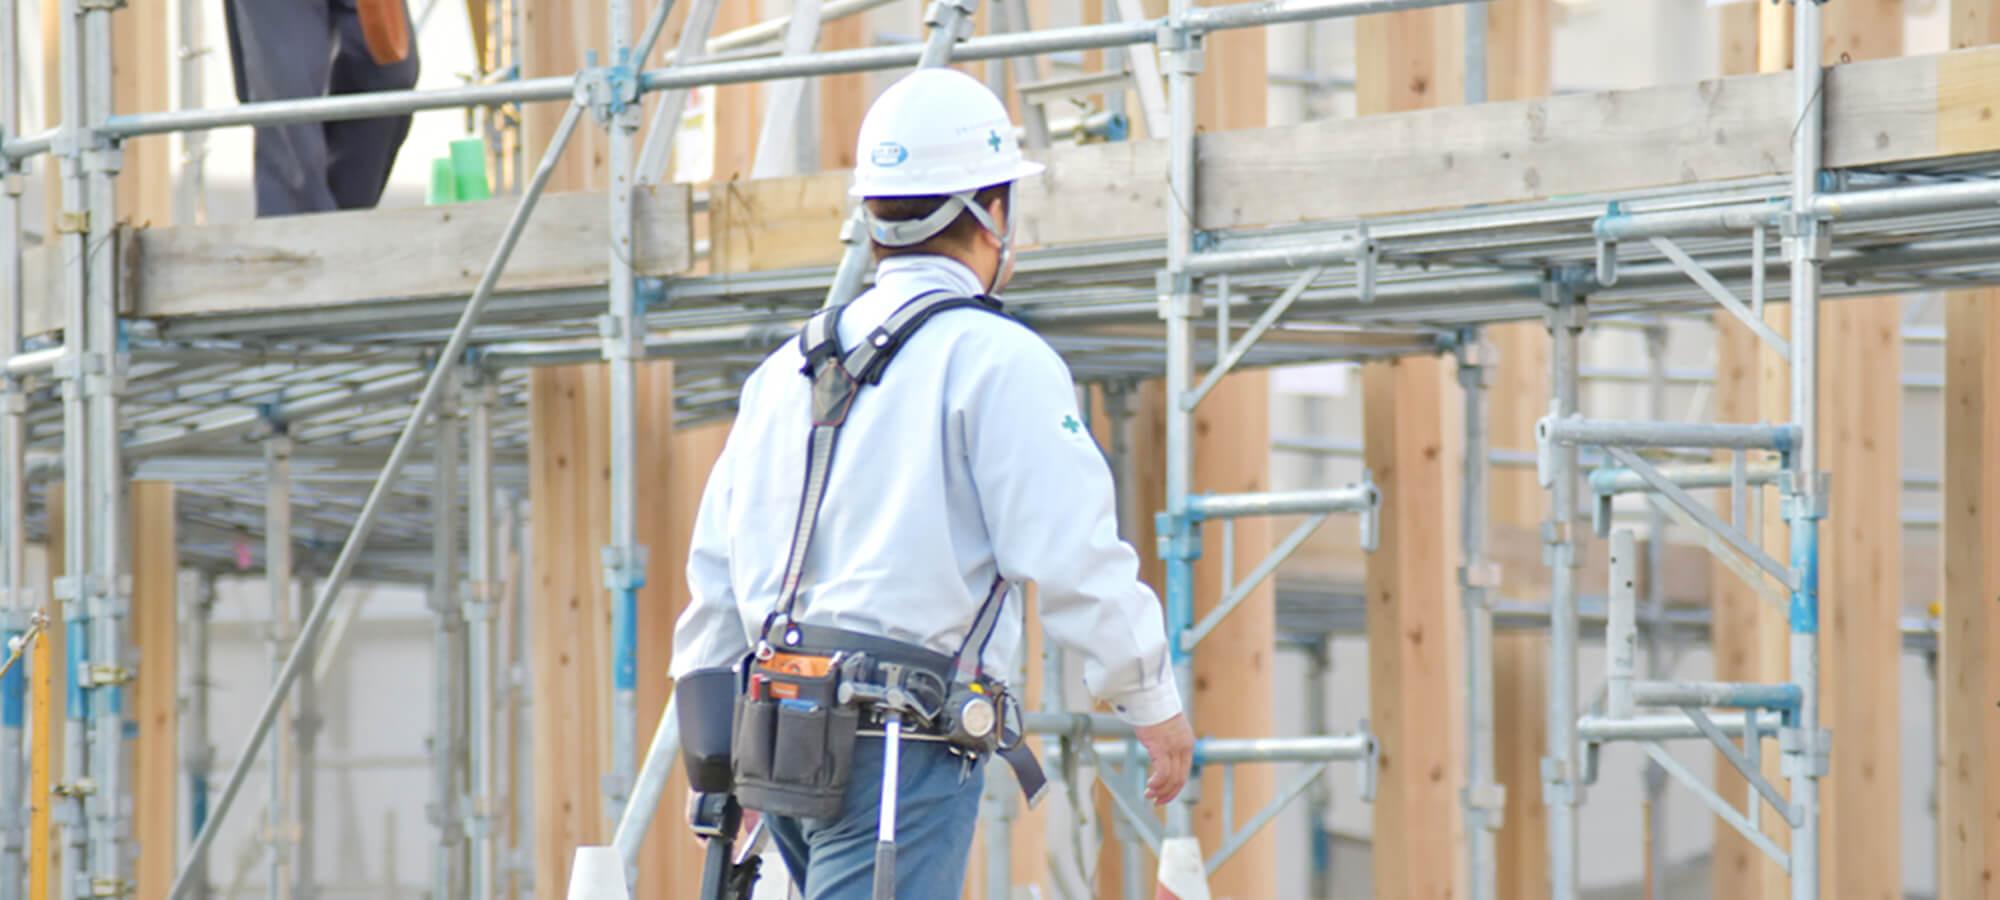 建設業が抱える損害賠償責任にまとめて備える